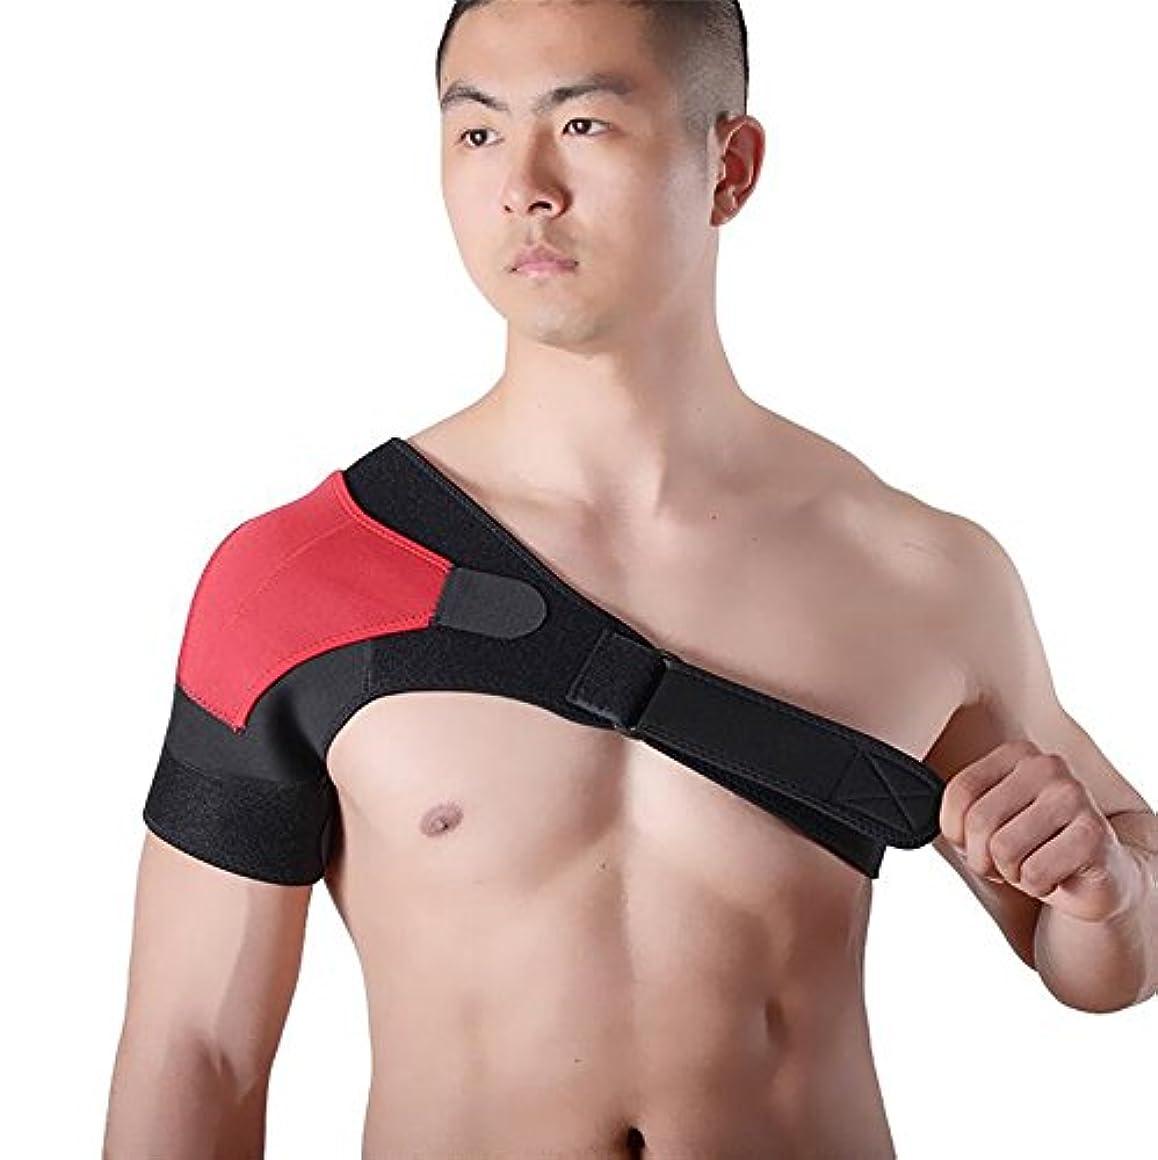 冷ややかな首アイドルZSZBACE 肩サポーター 右肩 左肩 肩 肩固定 けが 防止 マジック テープ式 男女兼用 簡単装着 (左肩用, レッド)